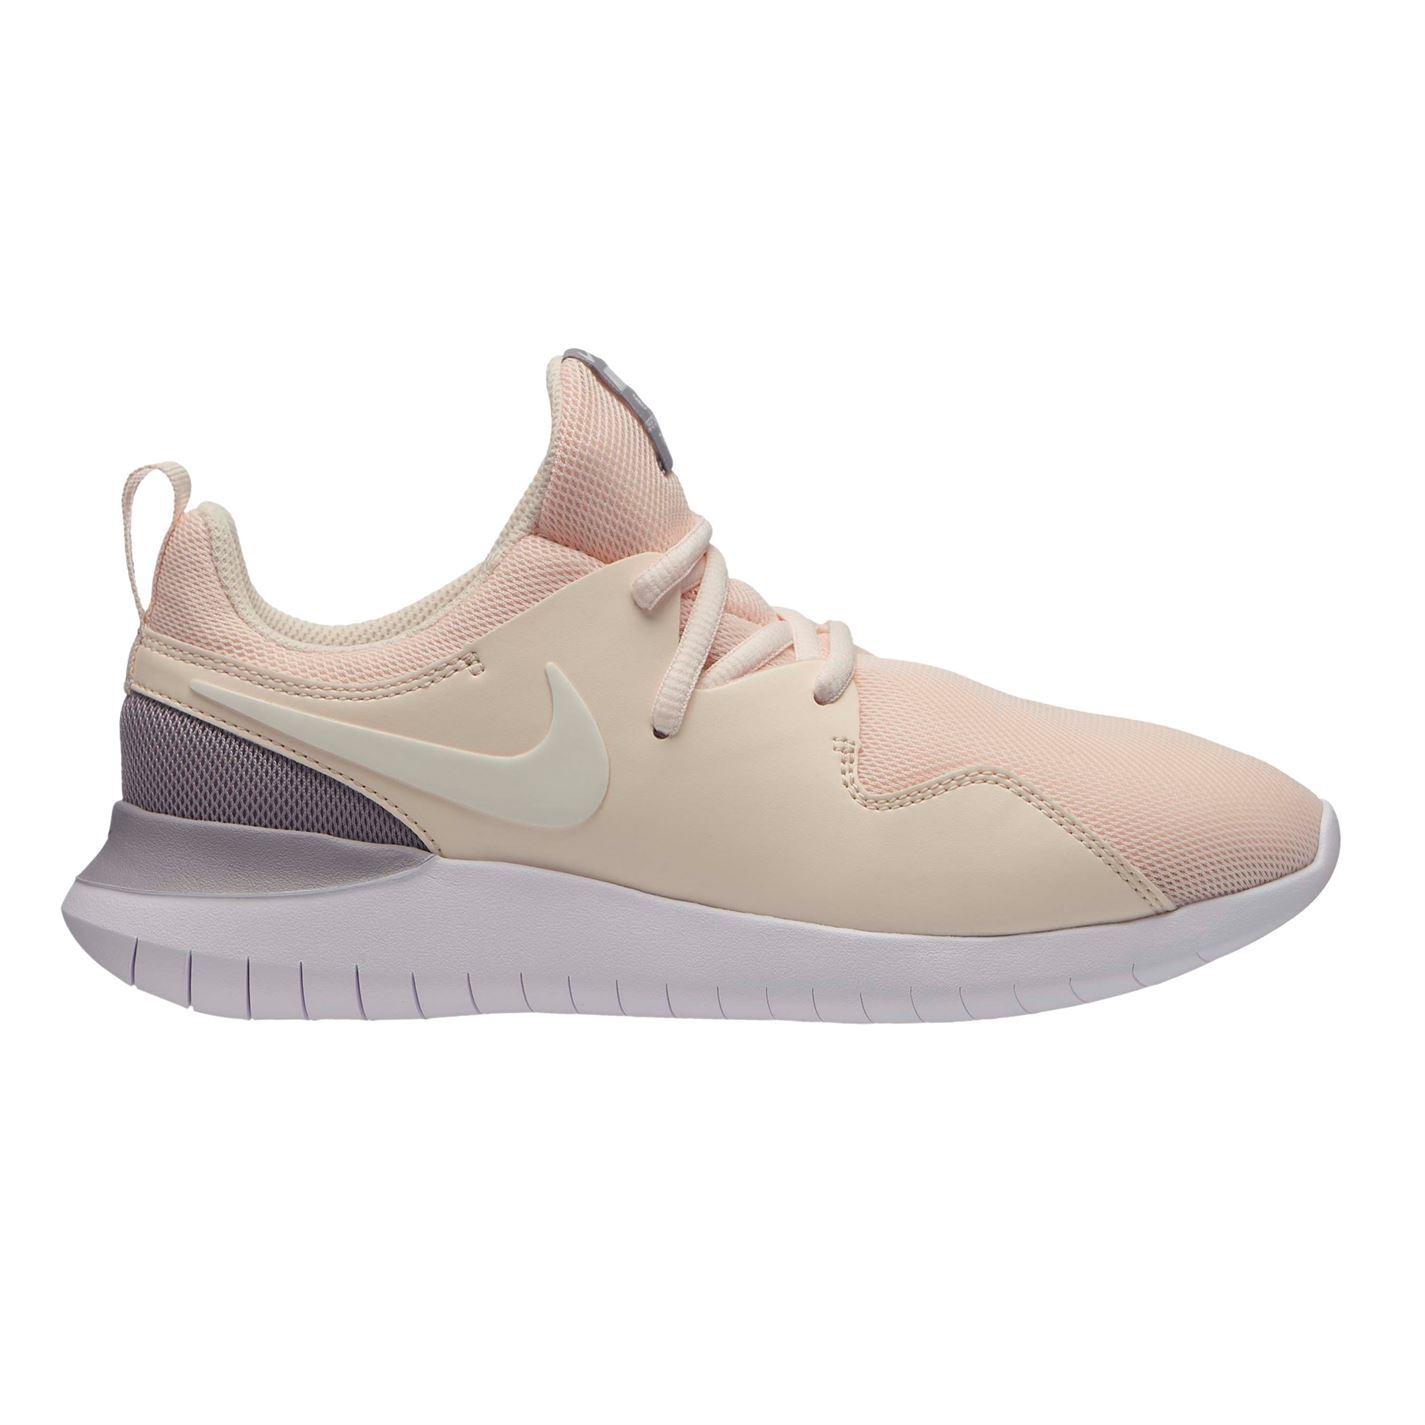 nike mujer zapatillas sneakers